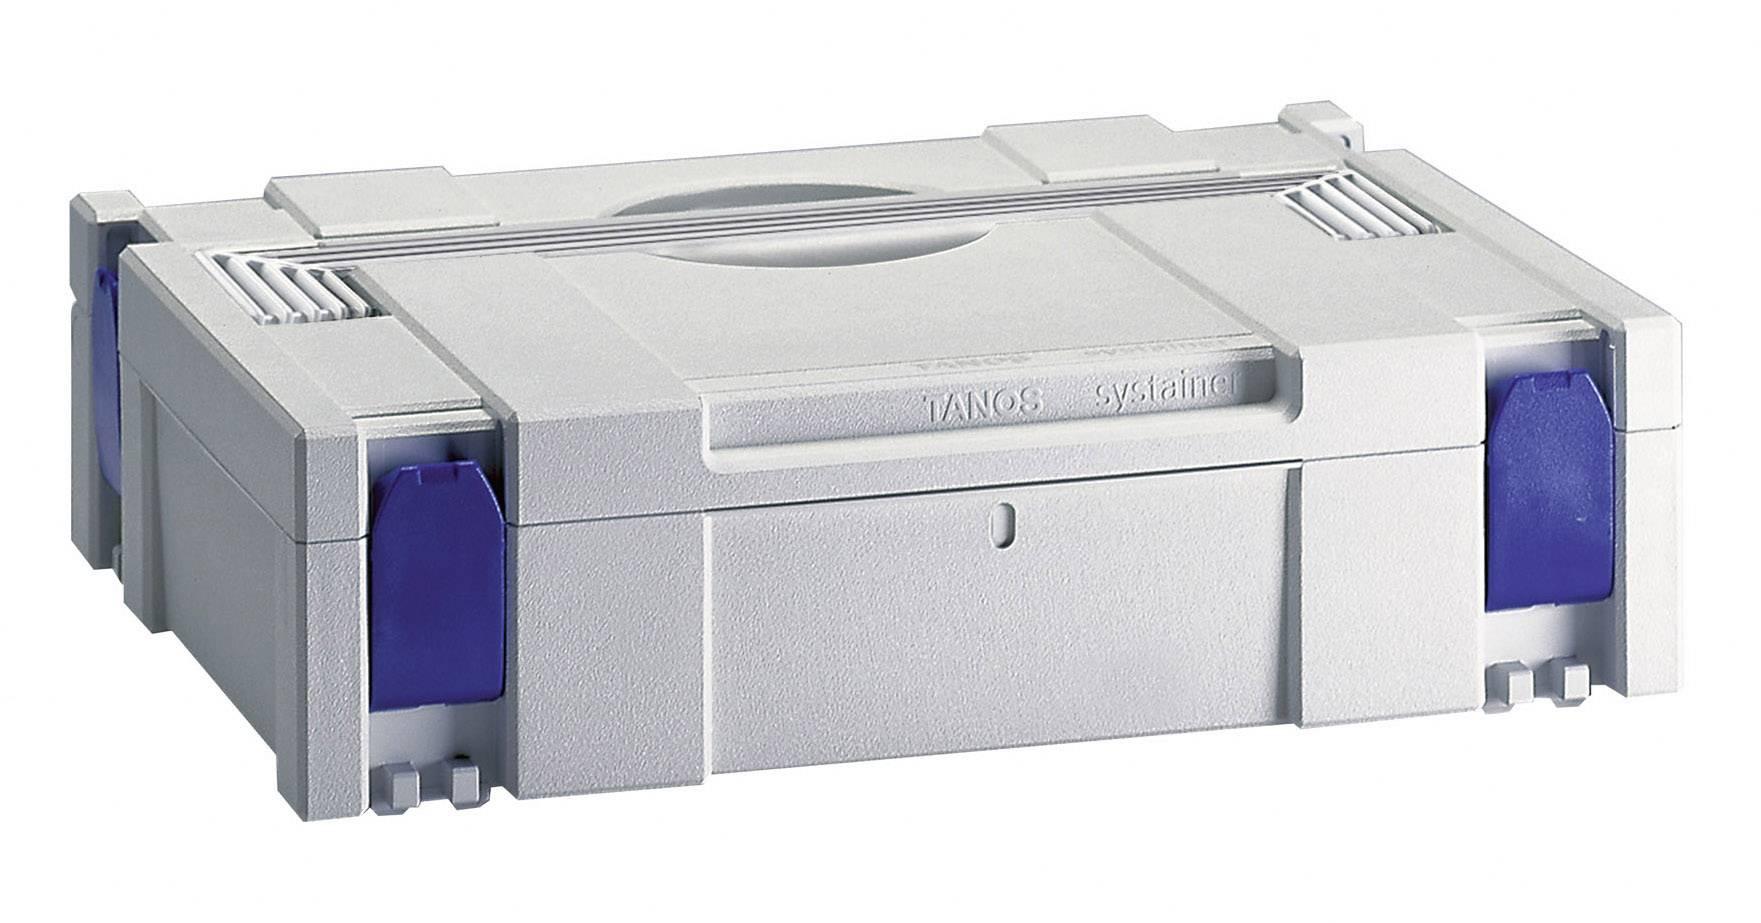 Transportní kufr Tanos systainer® I 80000001, (d x š x v) 300 x 400 x 105 mm